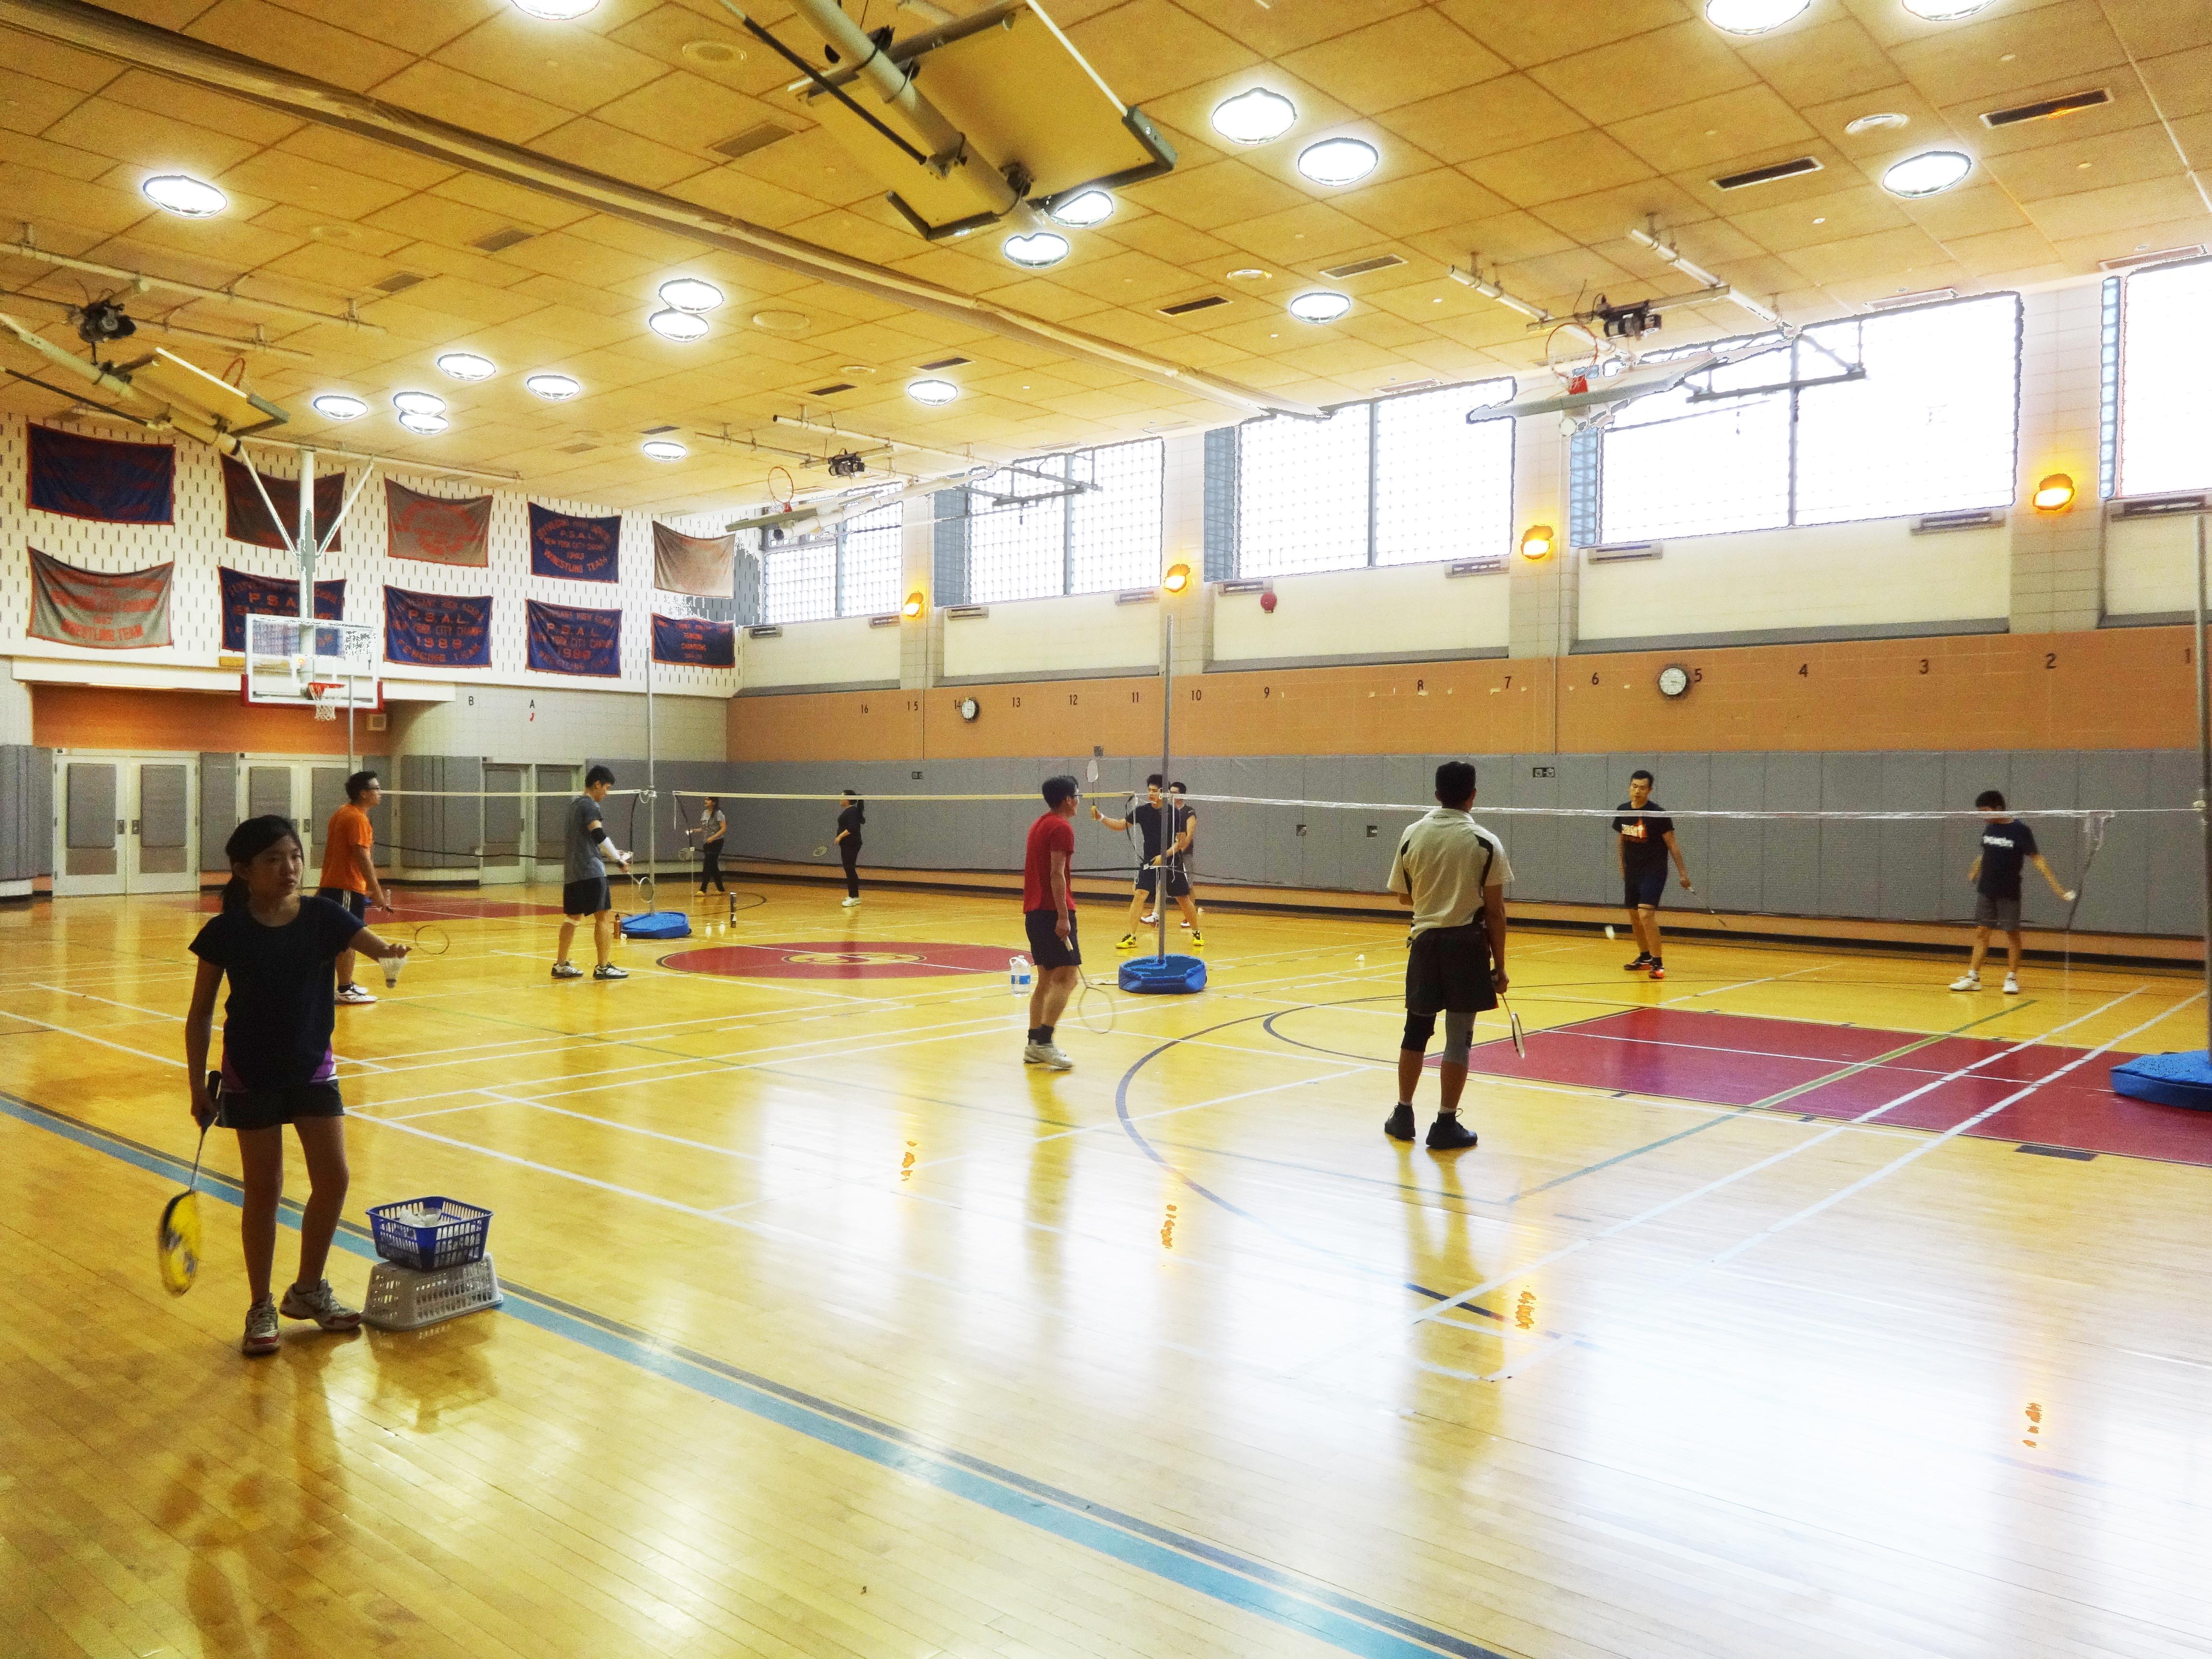 Stuyvesant main gym